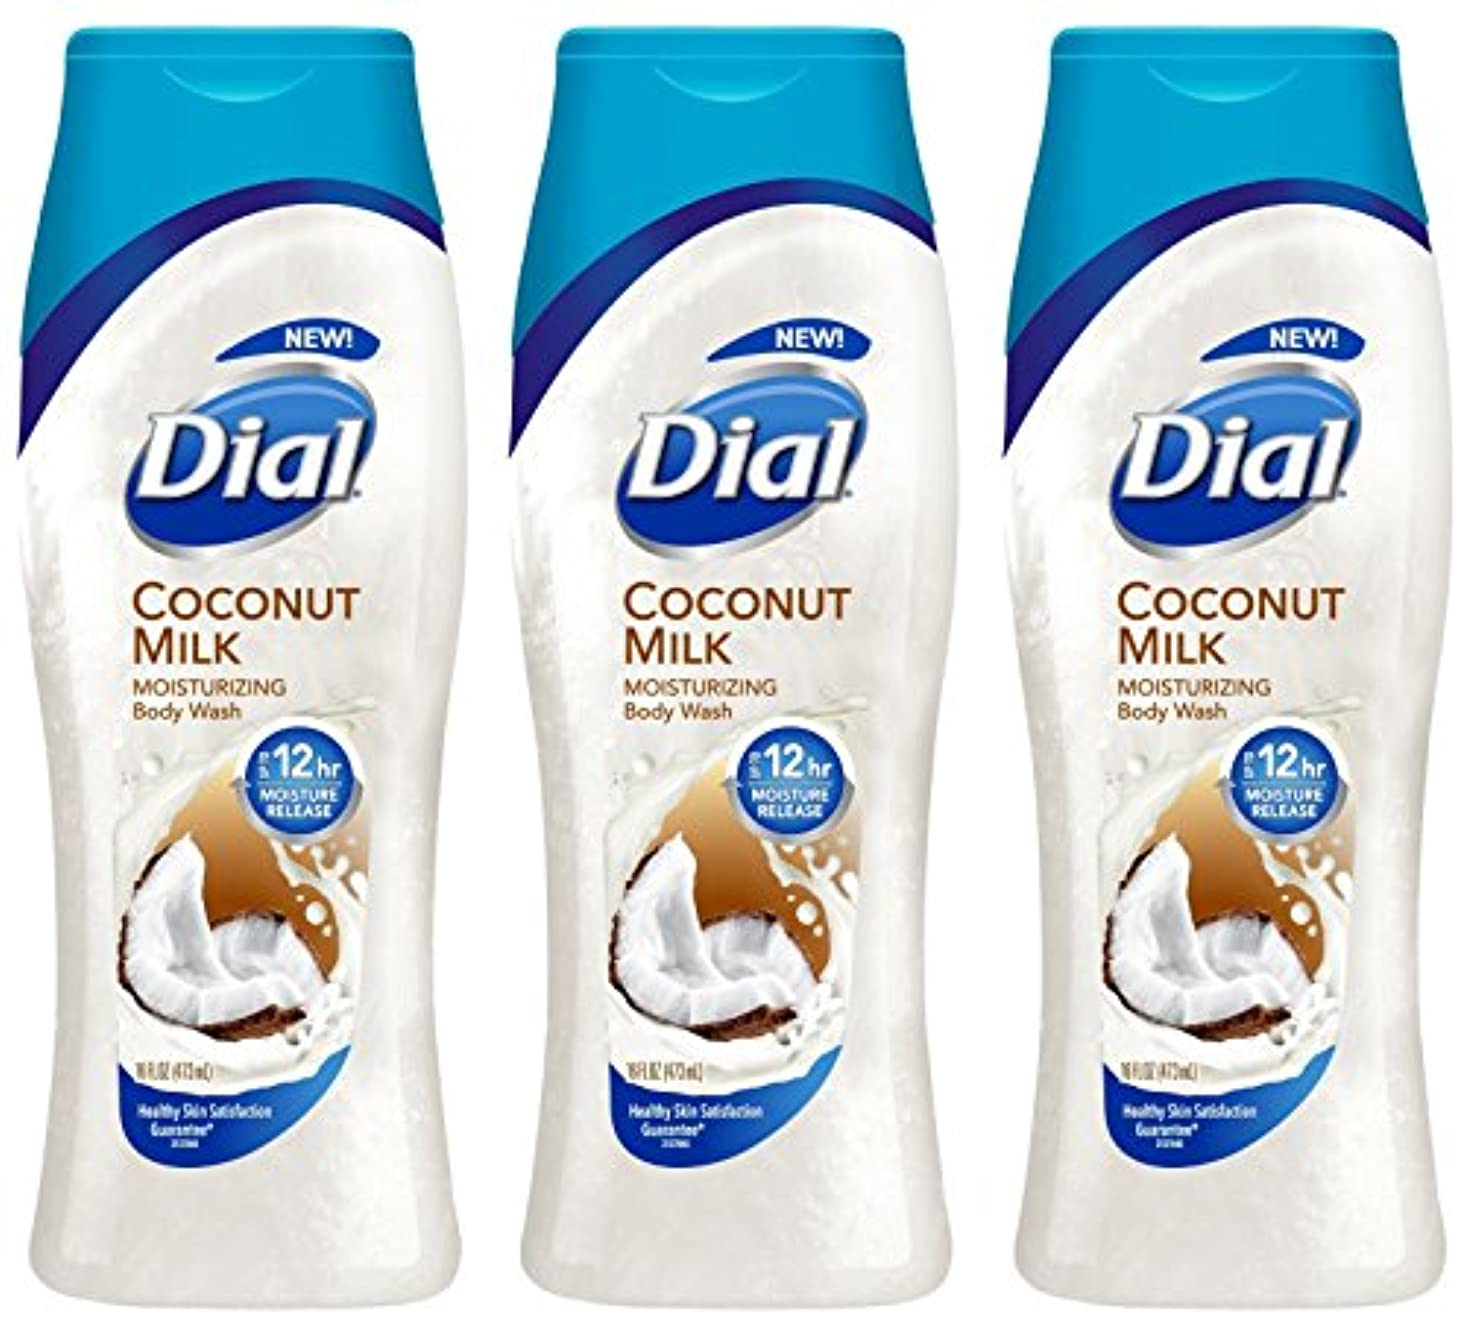 Dial モイスチャライジングボディウォッシュ - ココナッツミルク - 12時間モイスチャーリリース - ネット重量。ボトルあたり16液量オンス(473 ml)を - 3本のボトルのパック